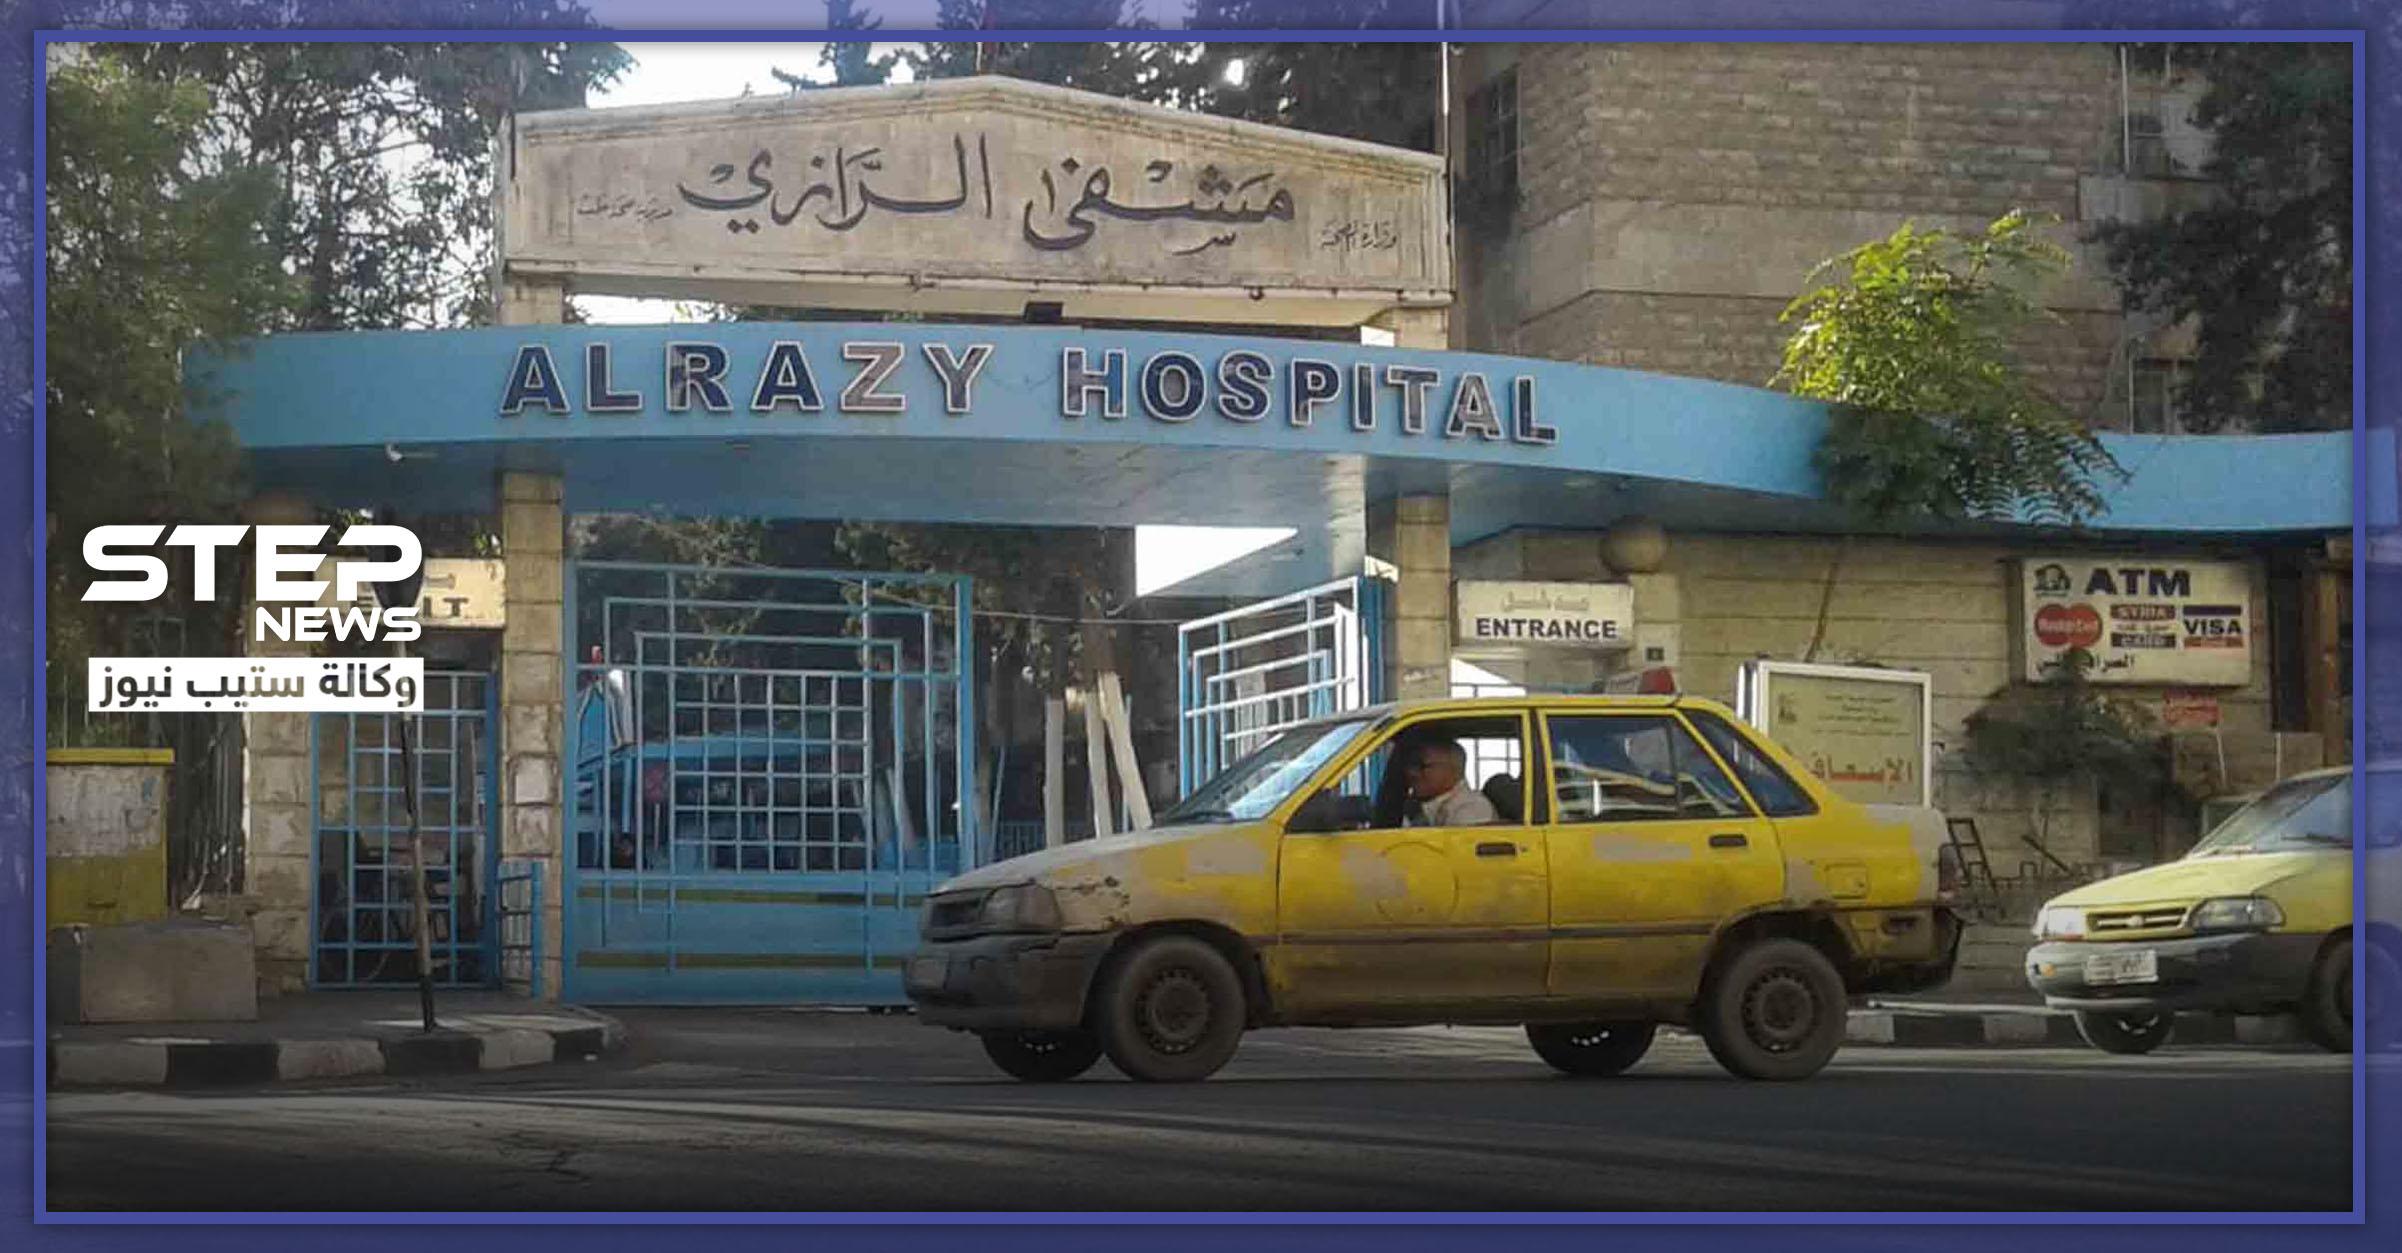 شبيحة آل بري يعتدون بالضرب والكفر على كادر مستشفى الرازي بـ حلب